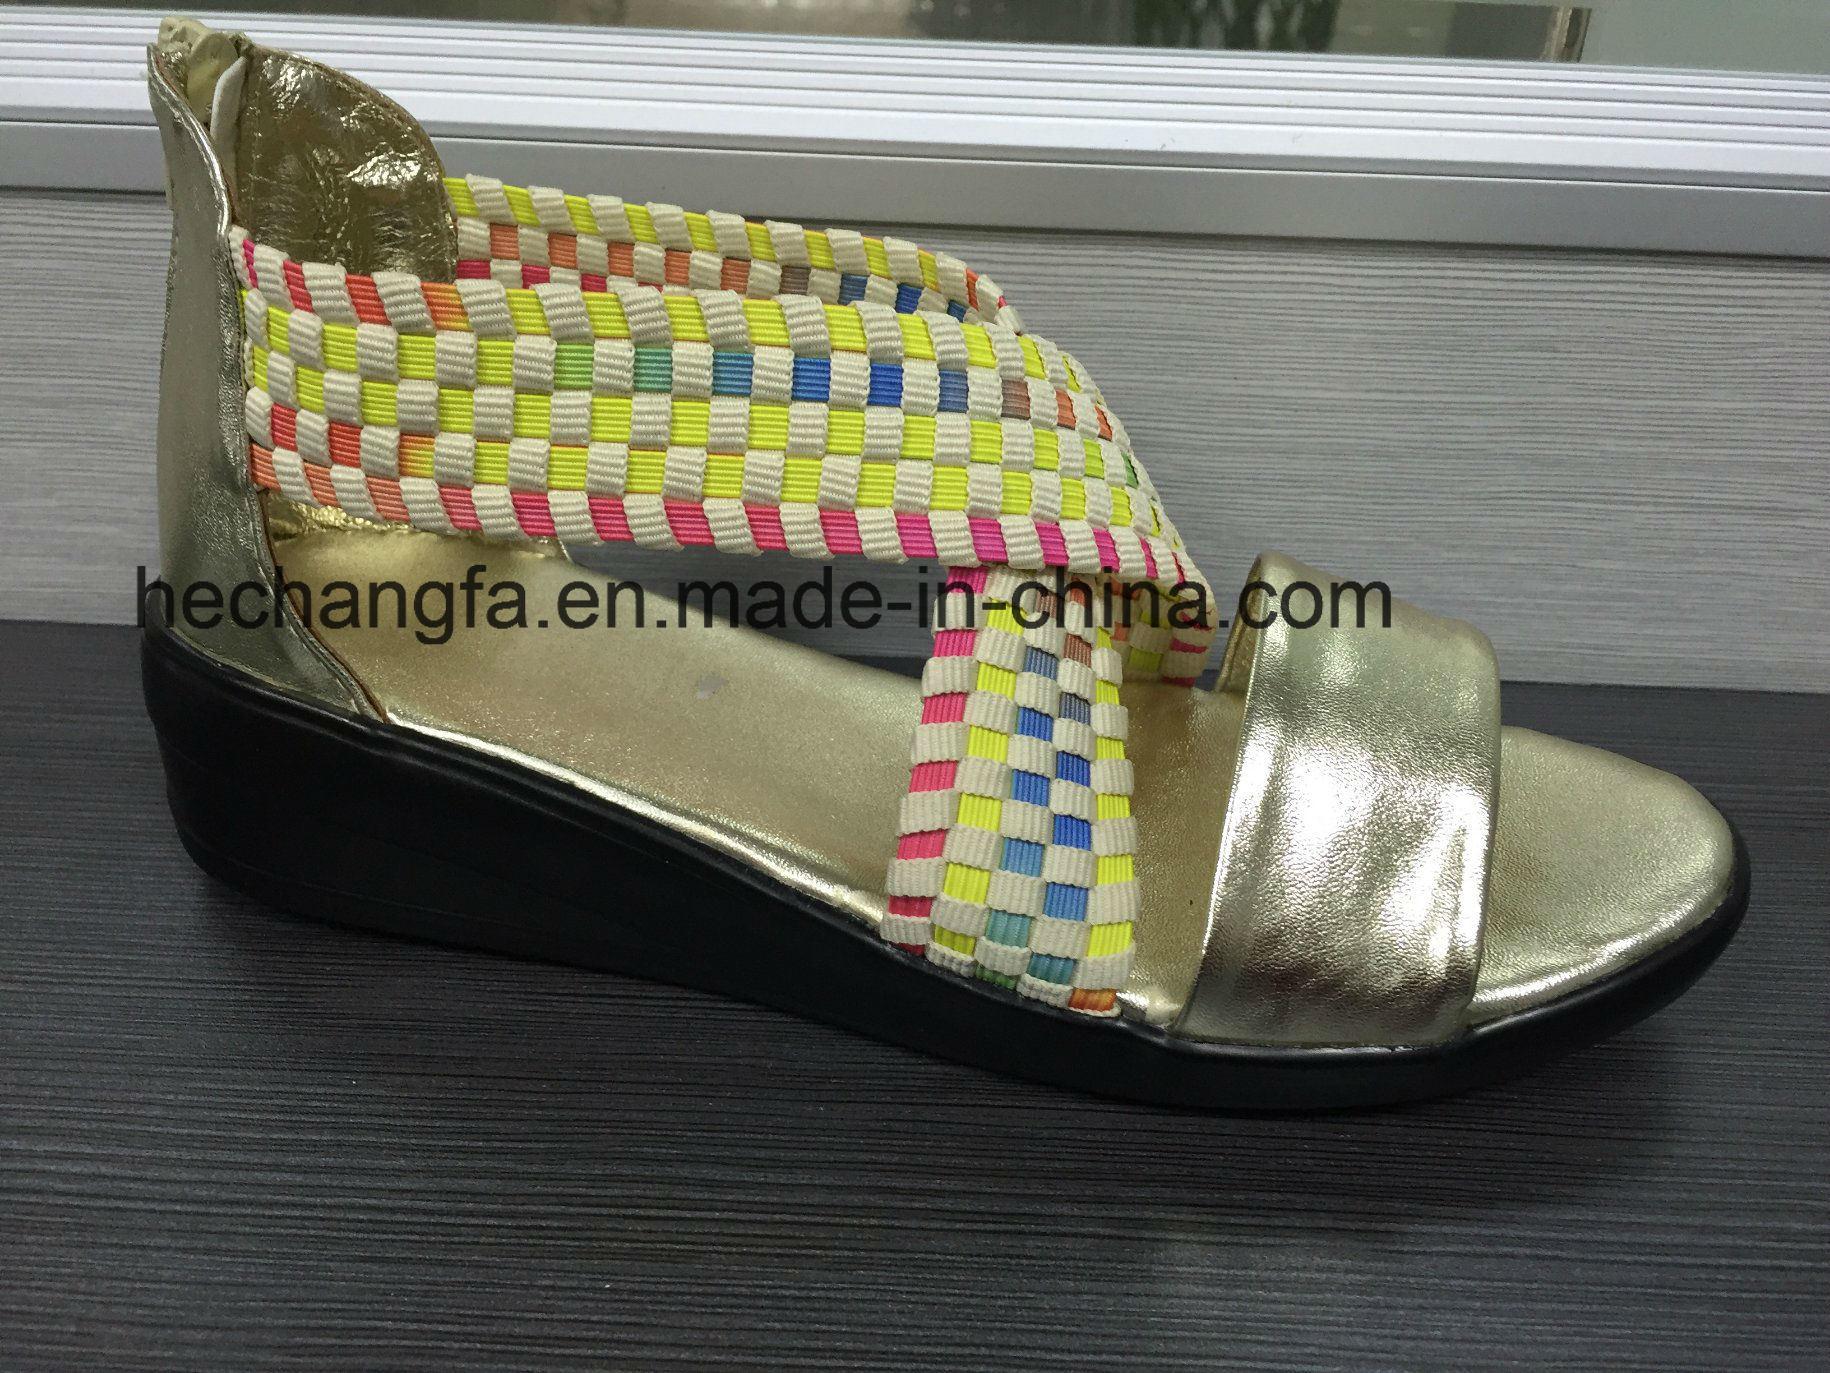 Sandal Woven Shoes